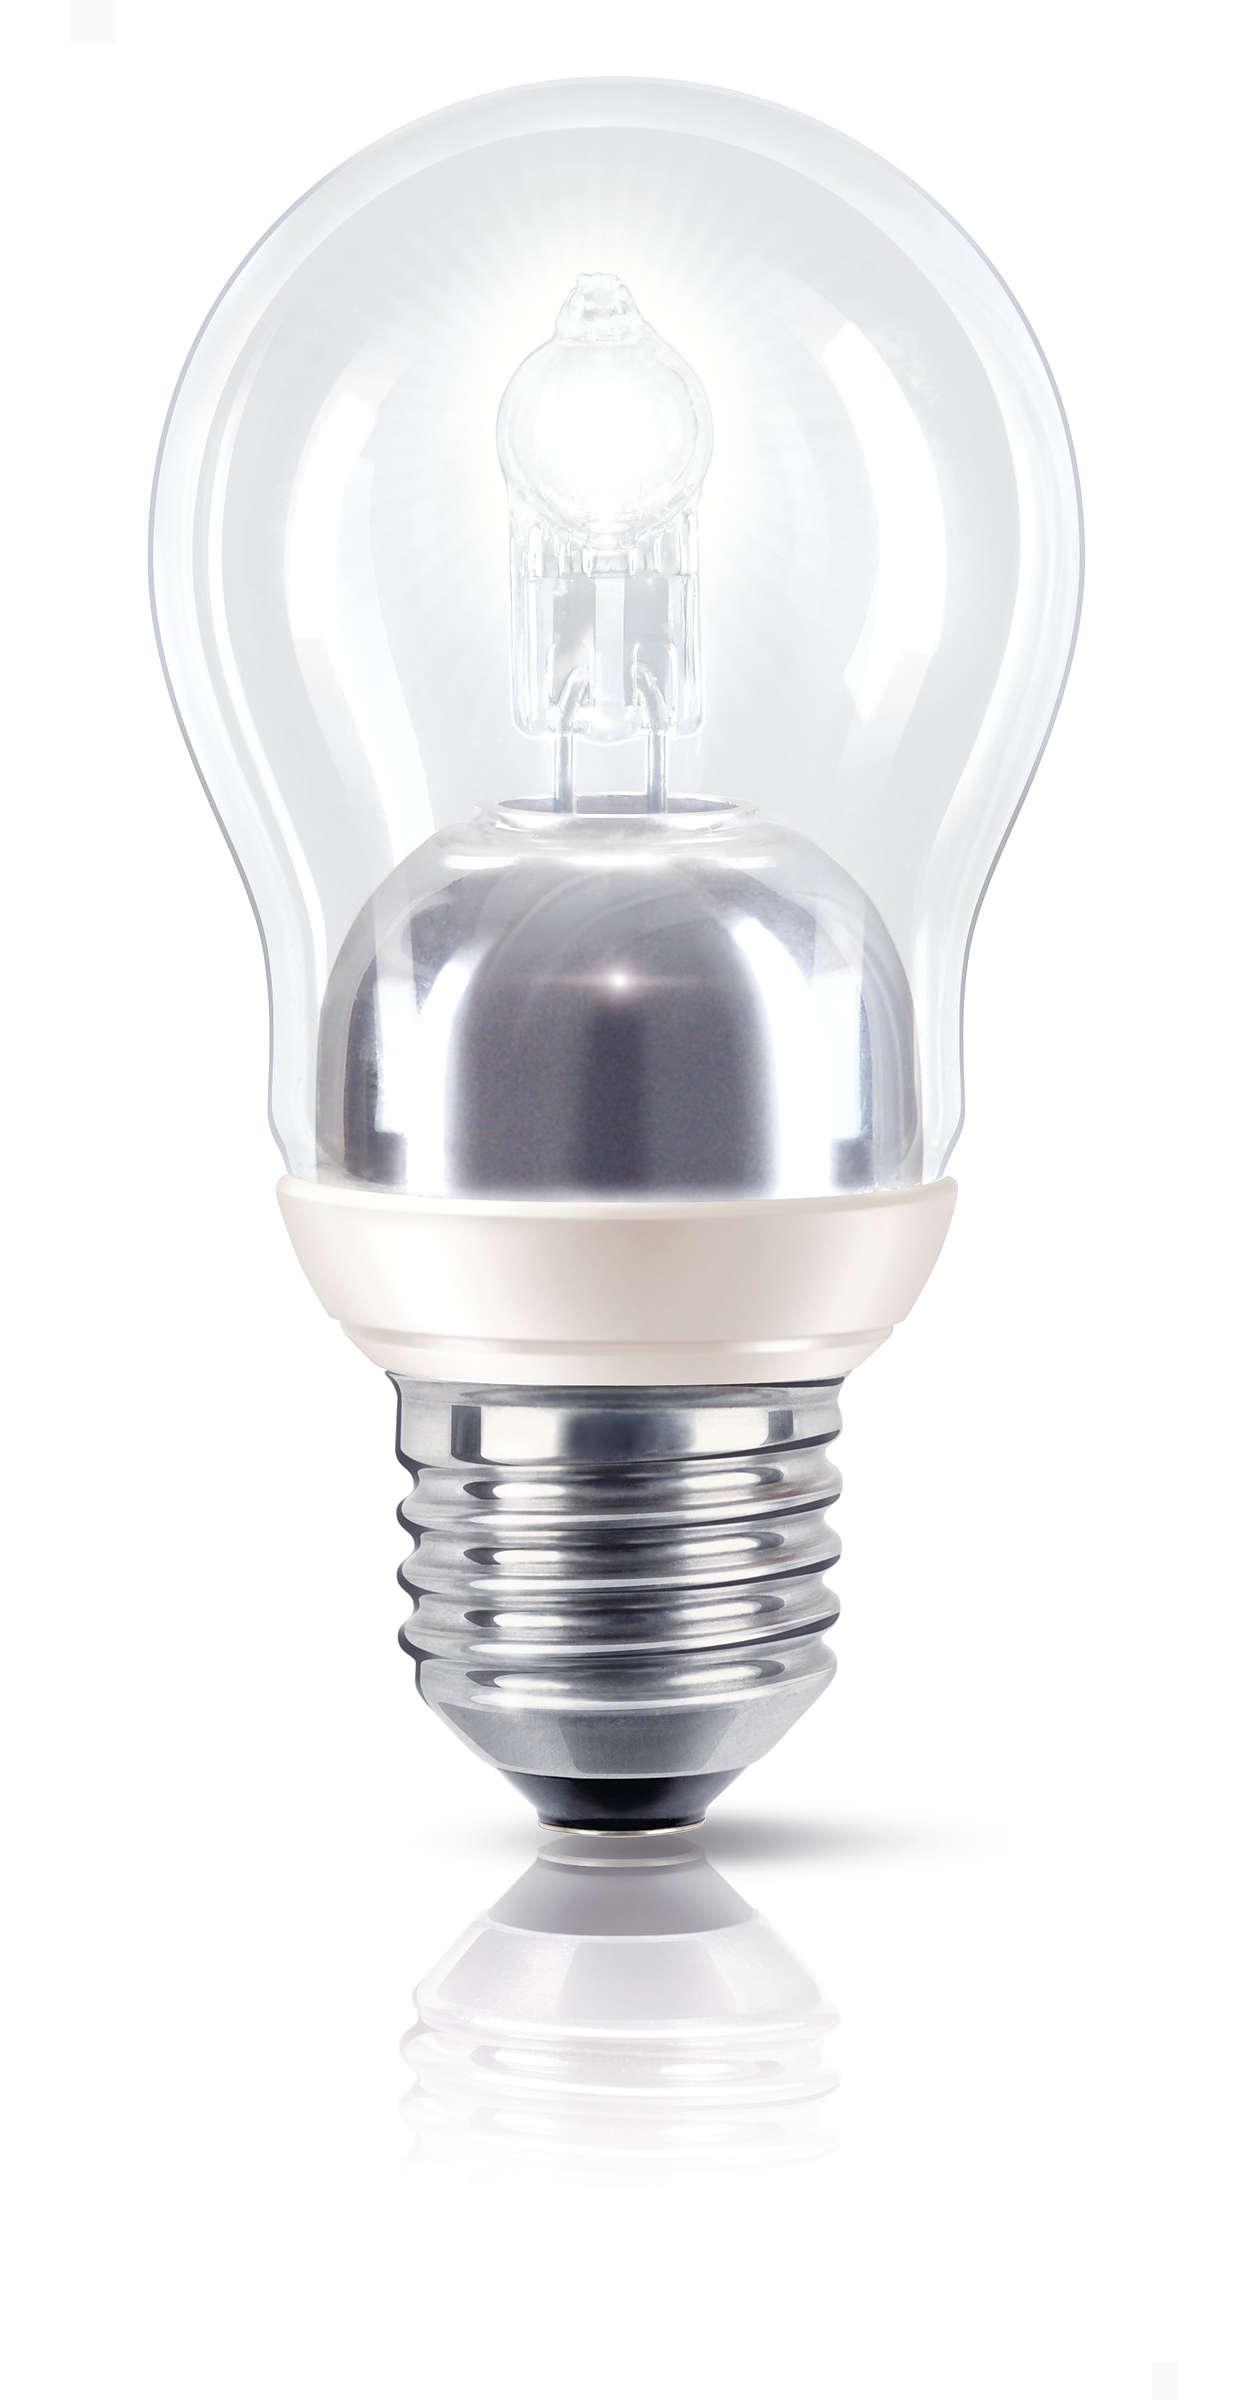 Luce intensa con metà dell'energia